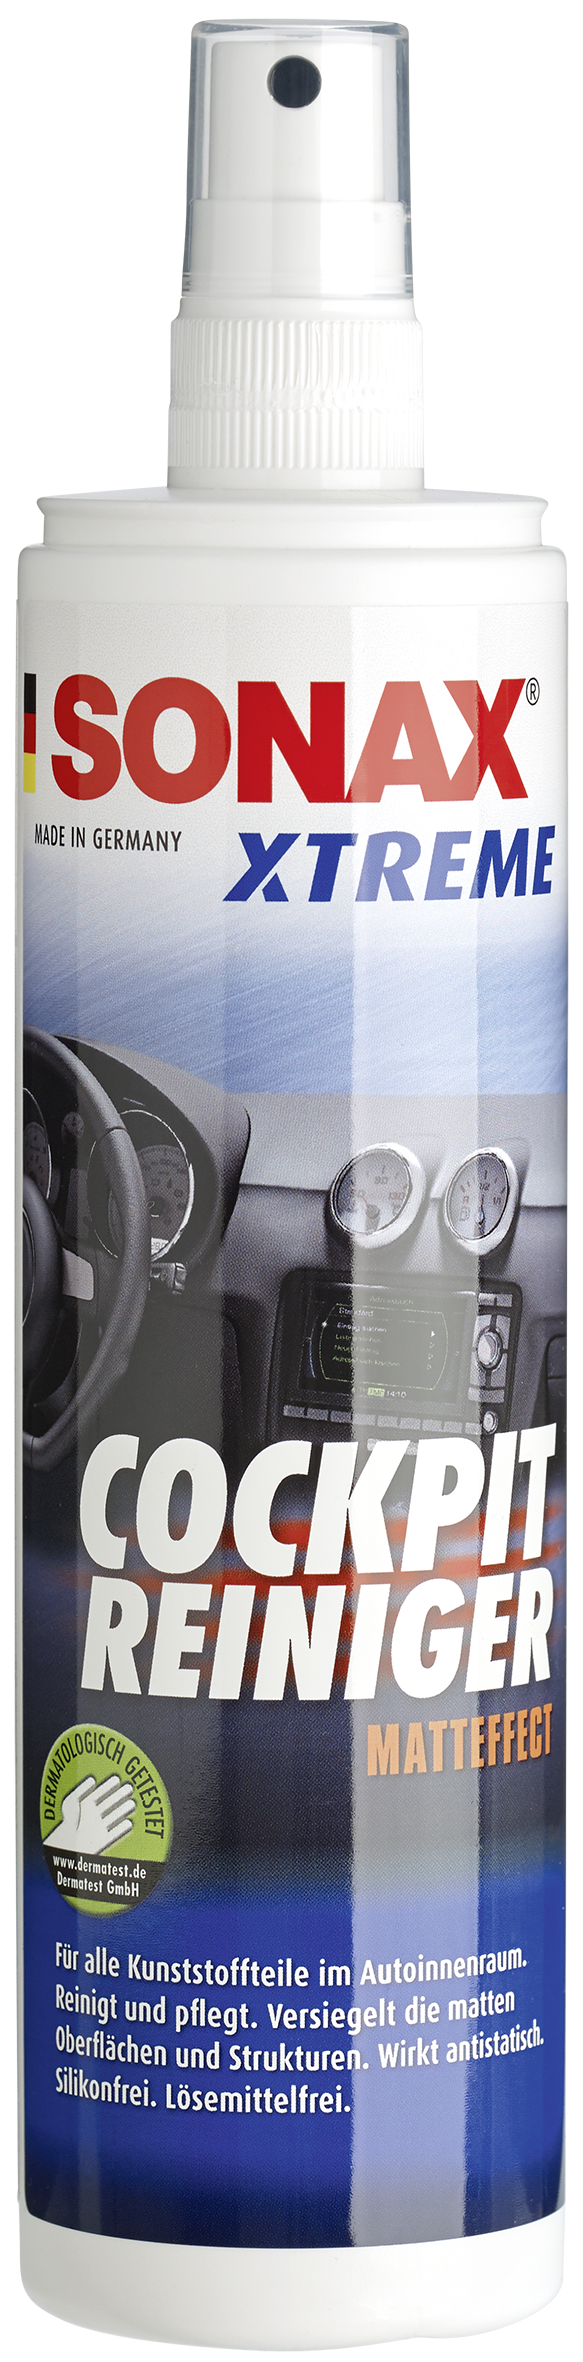 SONAX 02832000  XTREME CockpitReiniger Matteffect 300 ml